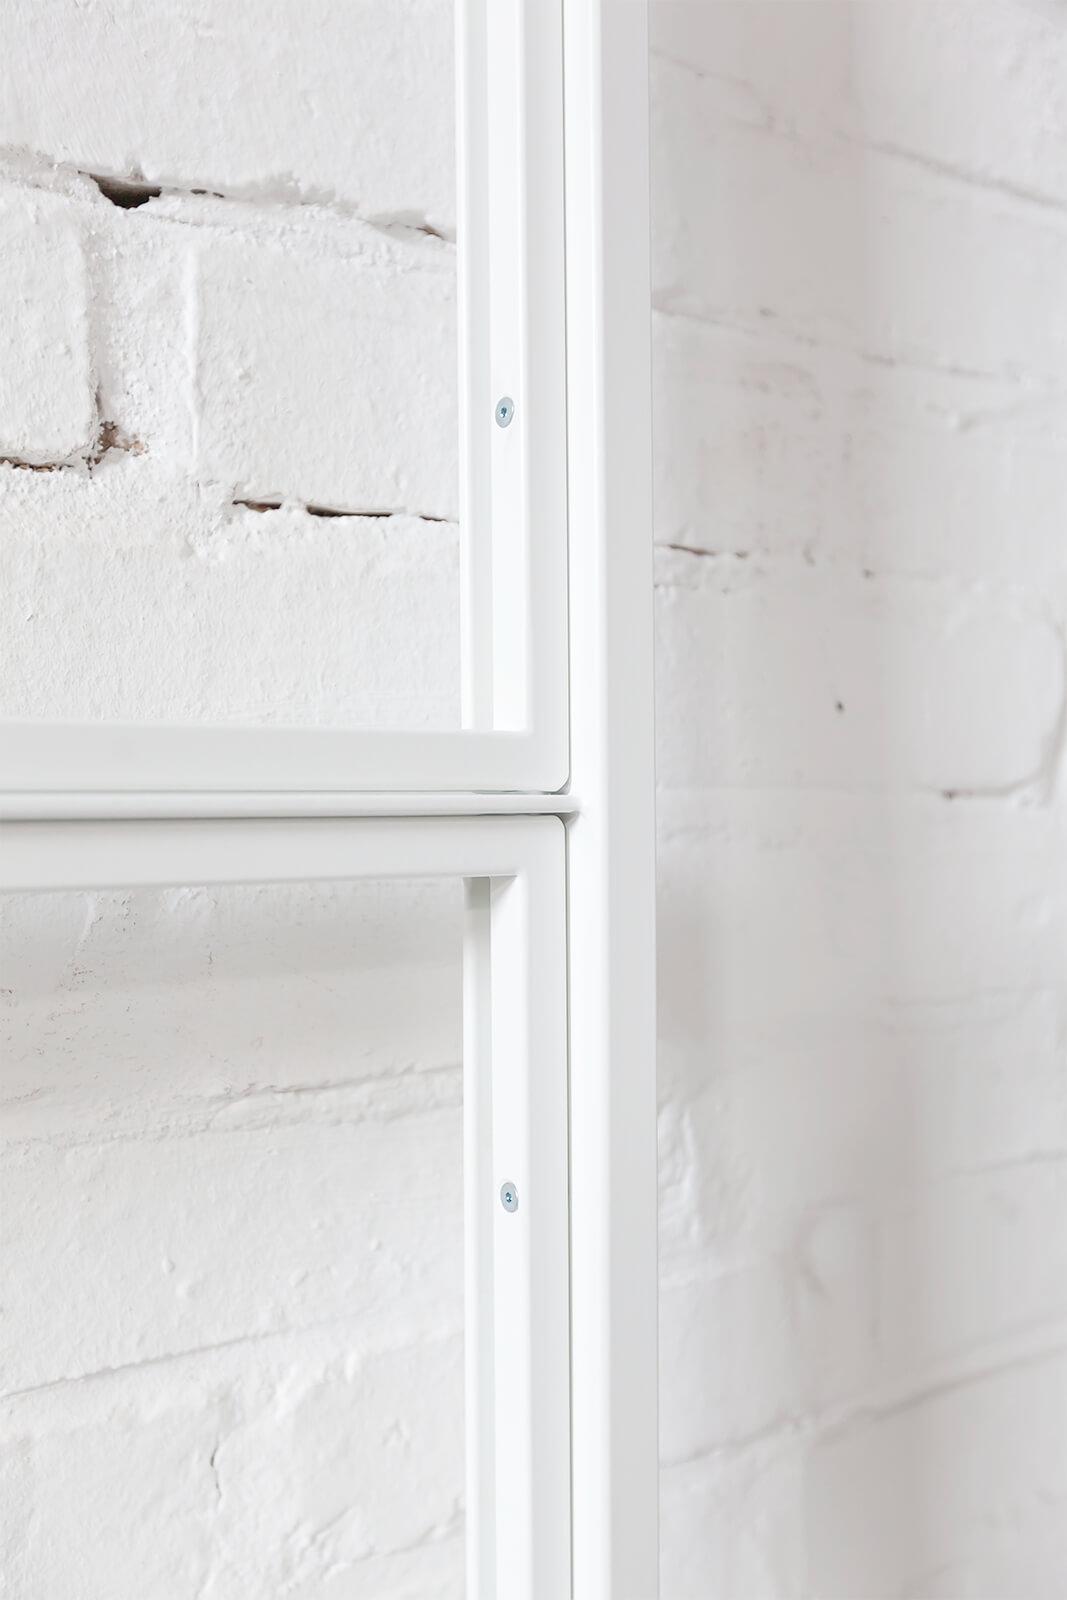 N51E12 Stahl Loft Tür Schwingtür, Pivottür, Pivot, Raumtrenner, Glastrennwand, Windfang, Bauhaus, Bauhaustür, Bauhausdesign, Glastür, Reinweiss, Weiss, RAL 9010